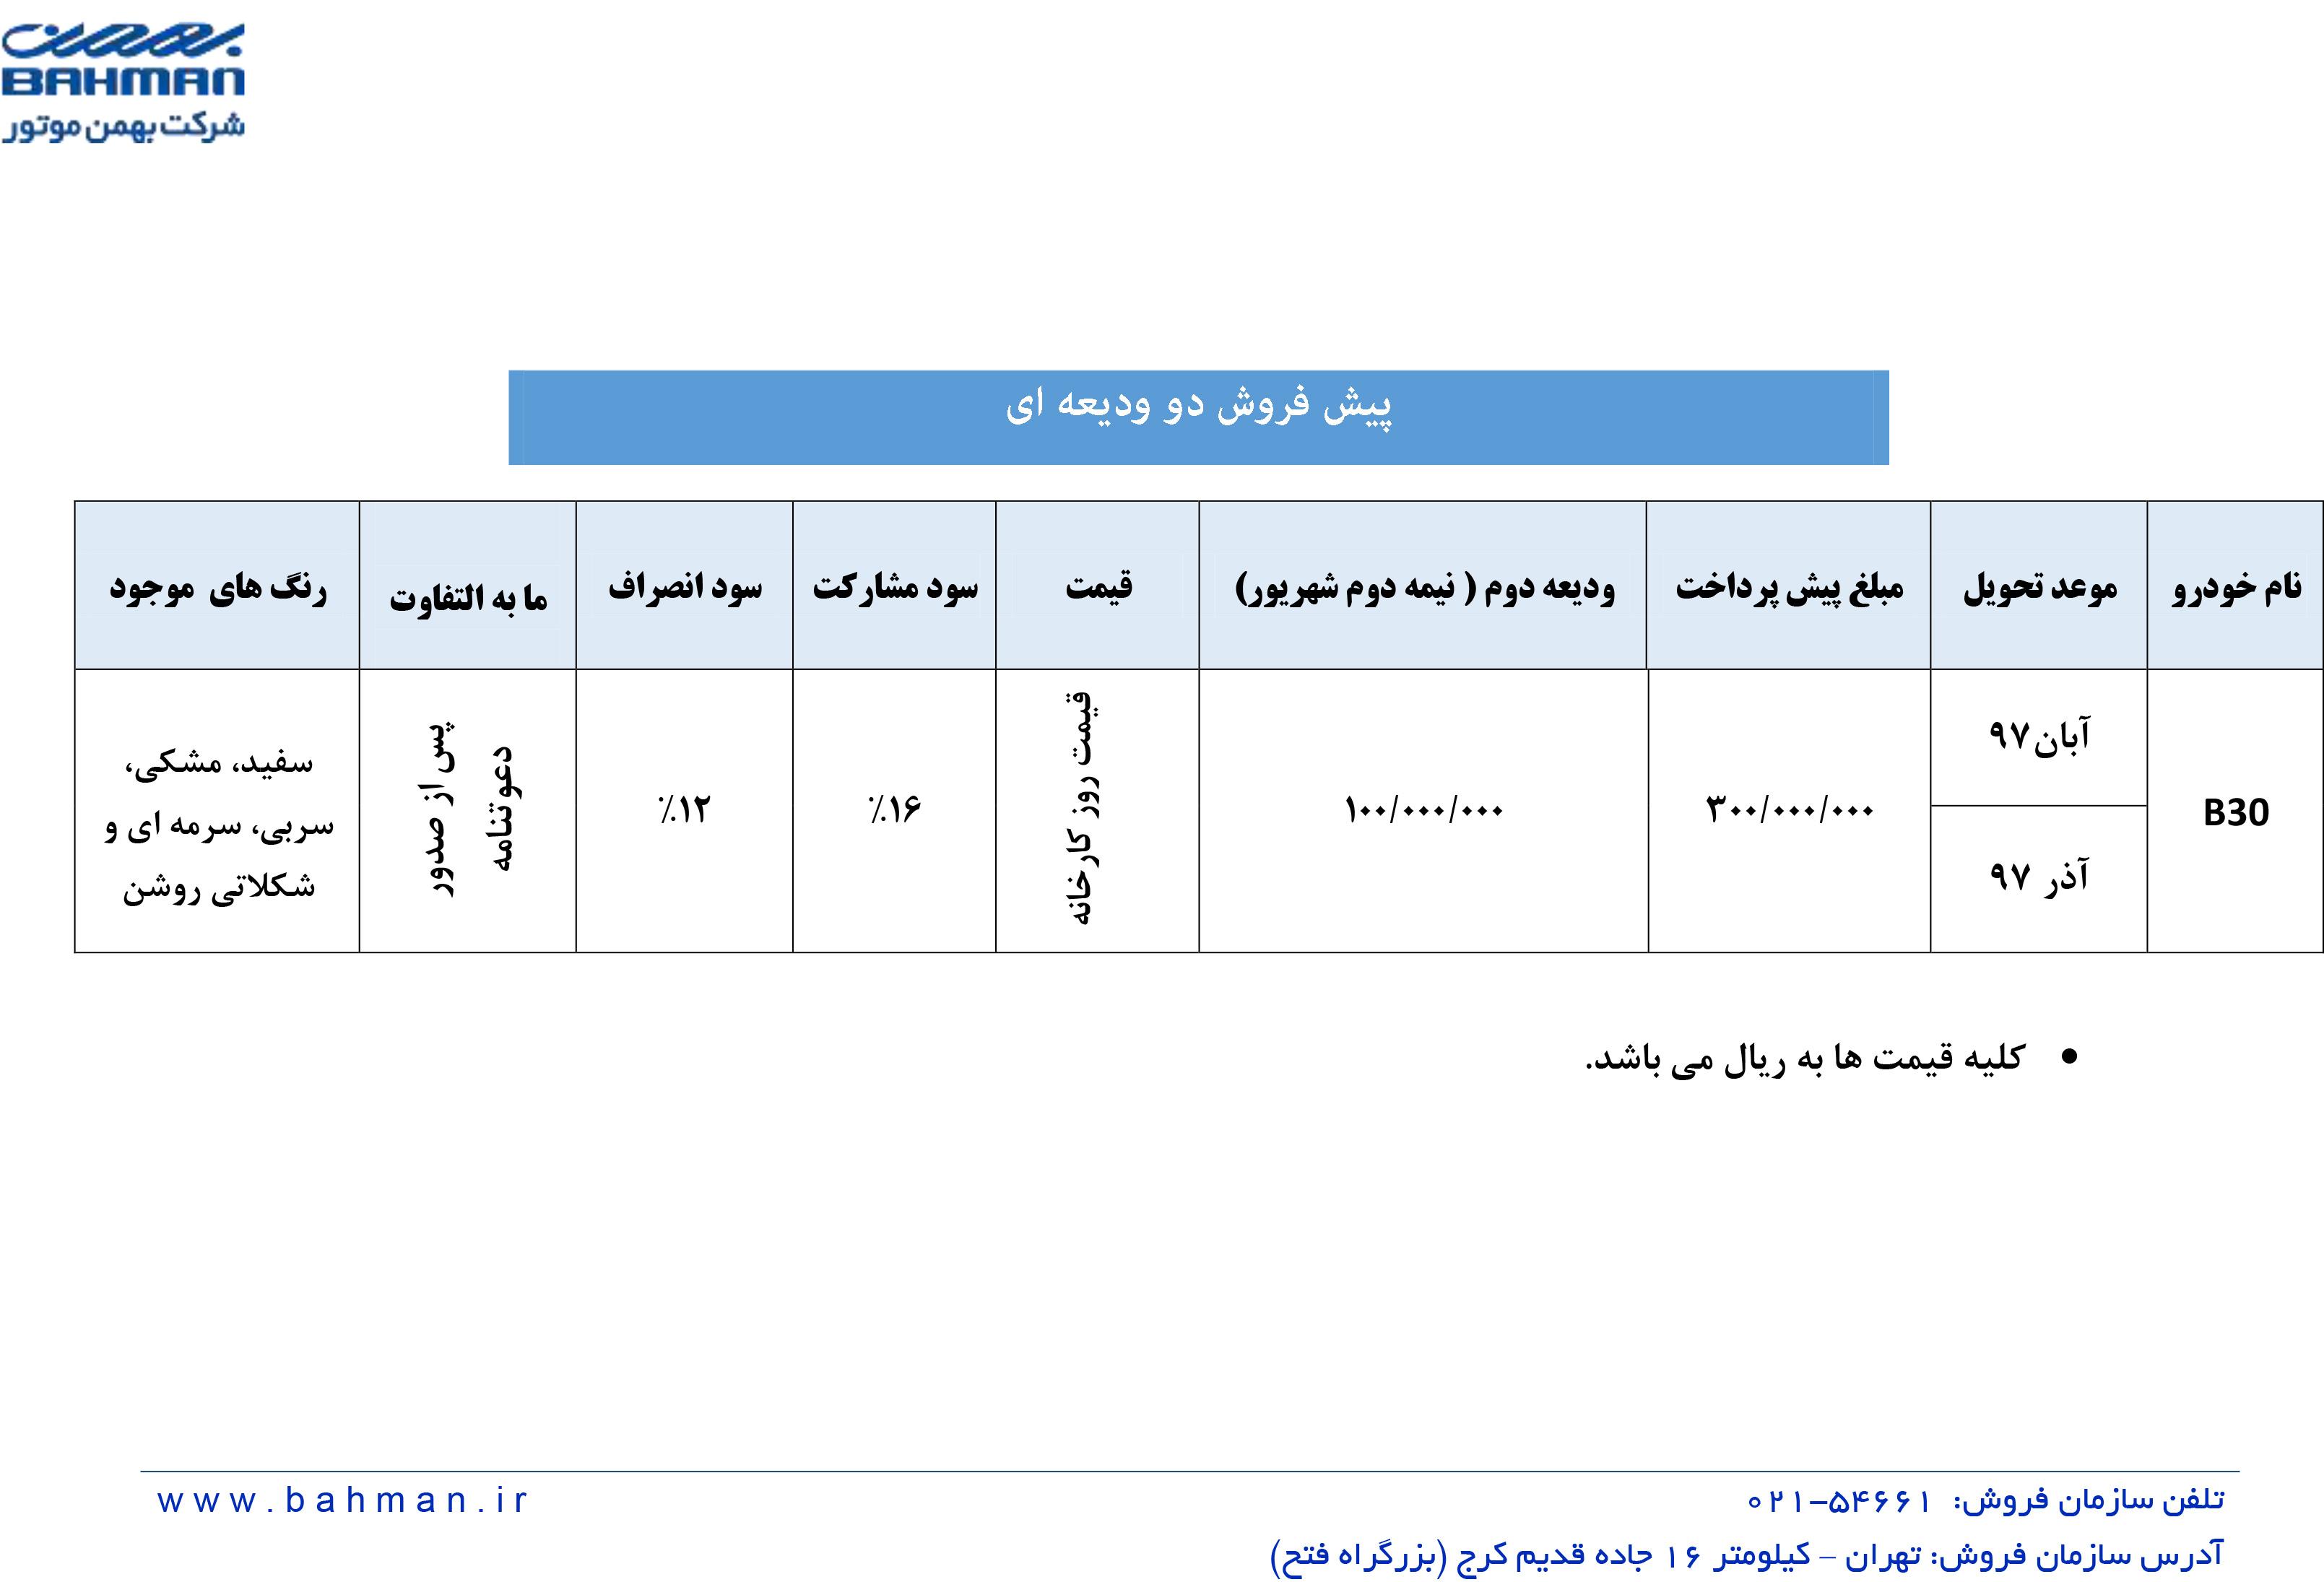 شرایط فروش بسترن B30 گروه بهمن / تیر 97